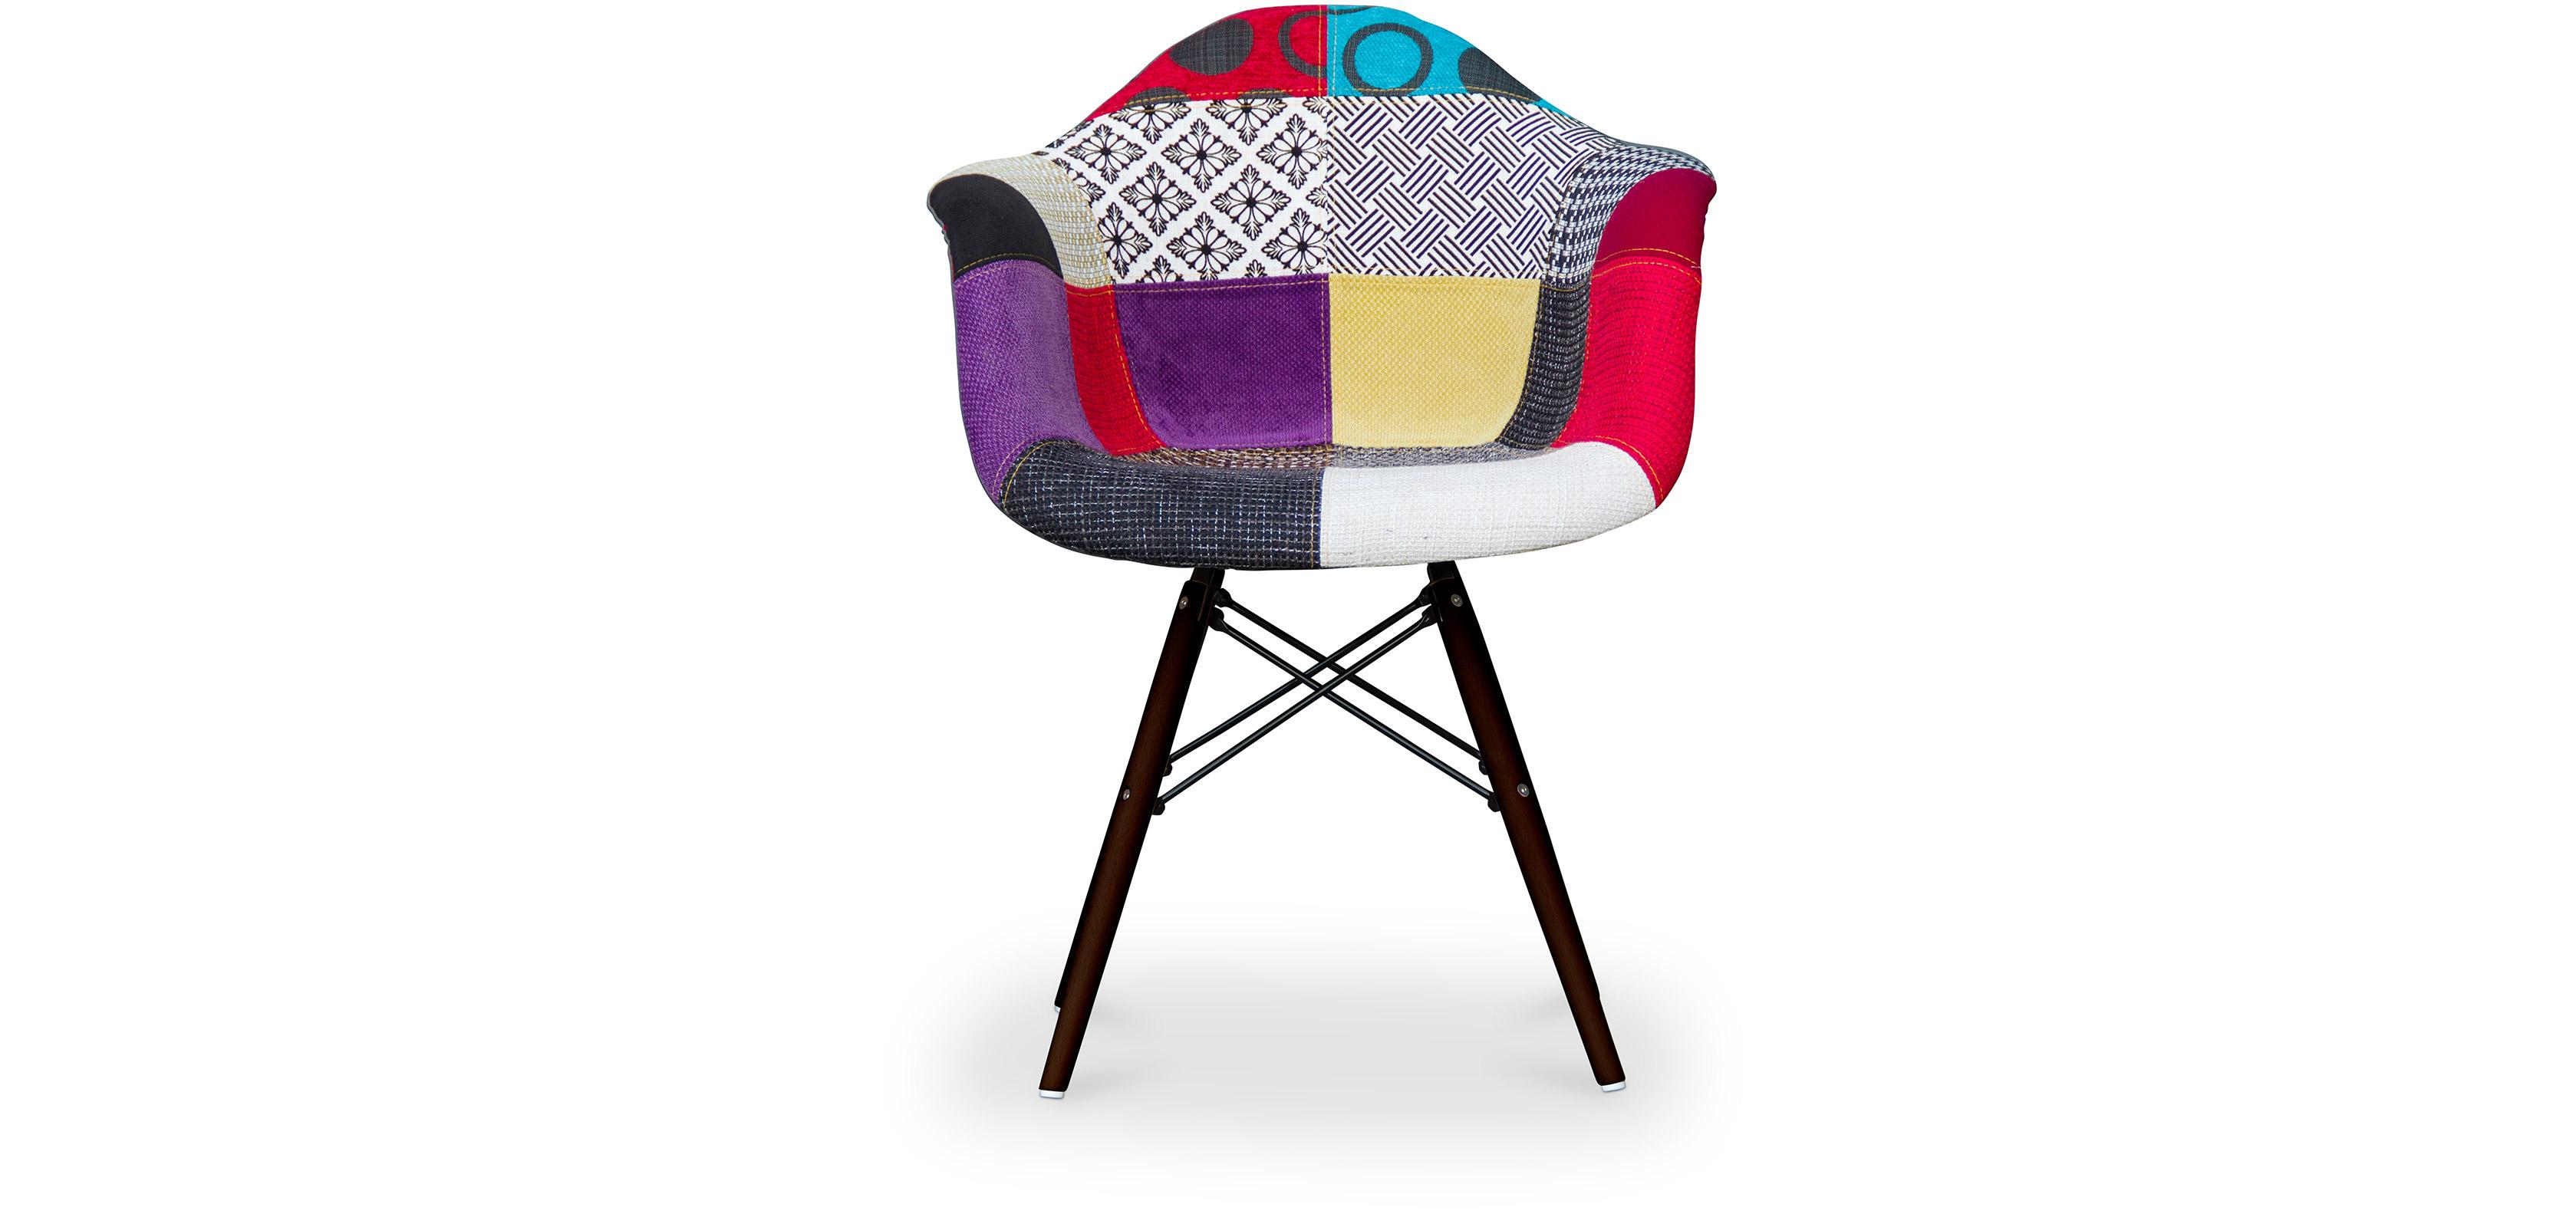 dunkle stuhlbeine daw stuhl charles eames style patchwork. Black Bedroom Furniture Sets. Home Design Ideas